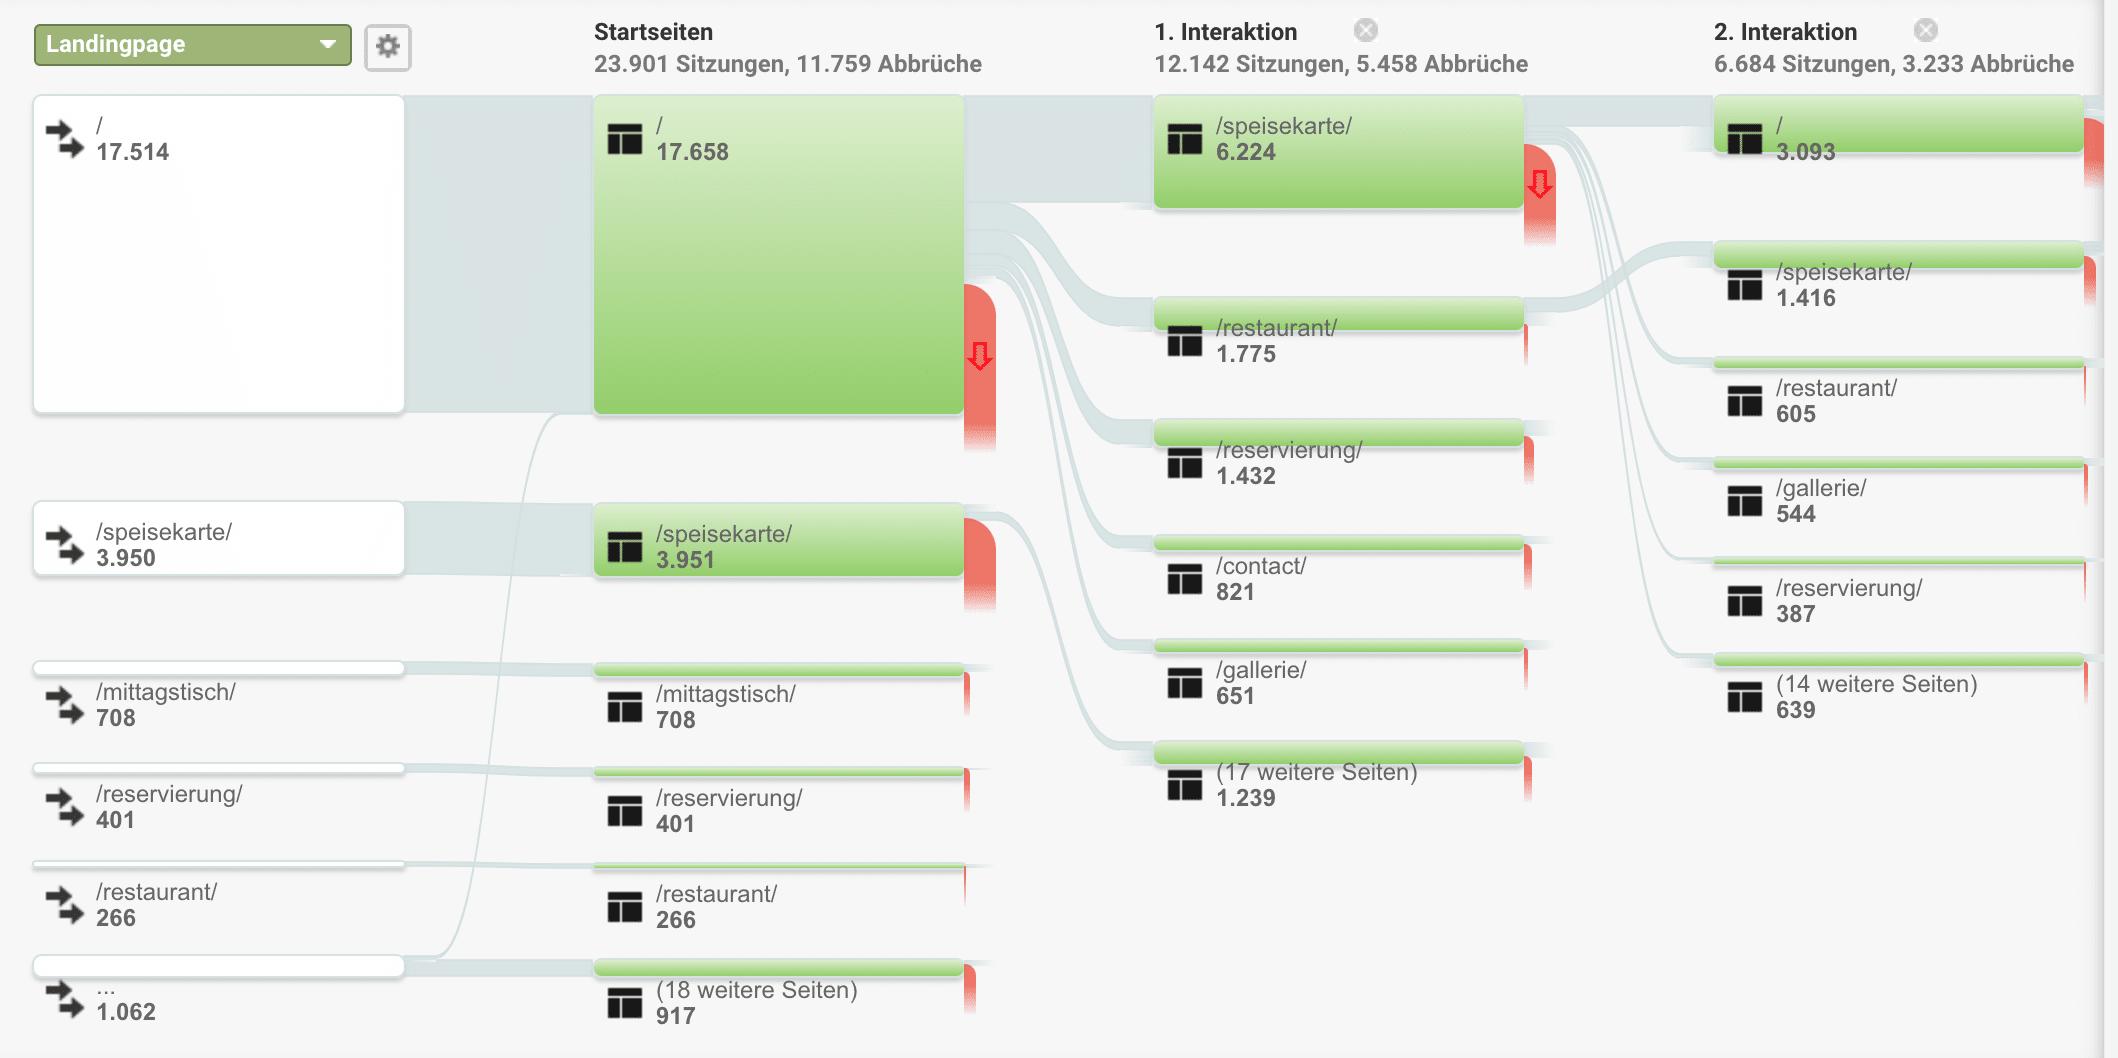 Analytics zur Auswertung des Seitenfluss